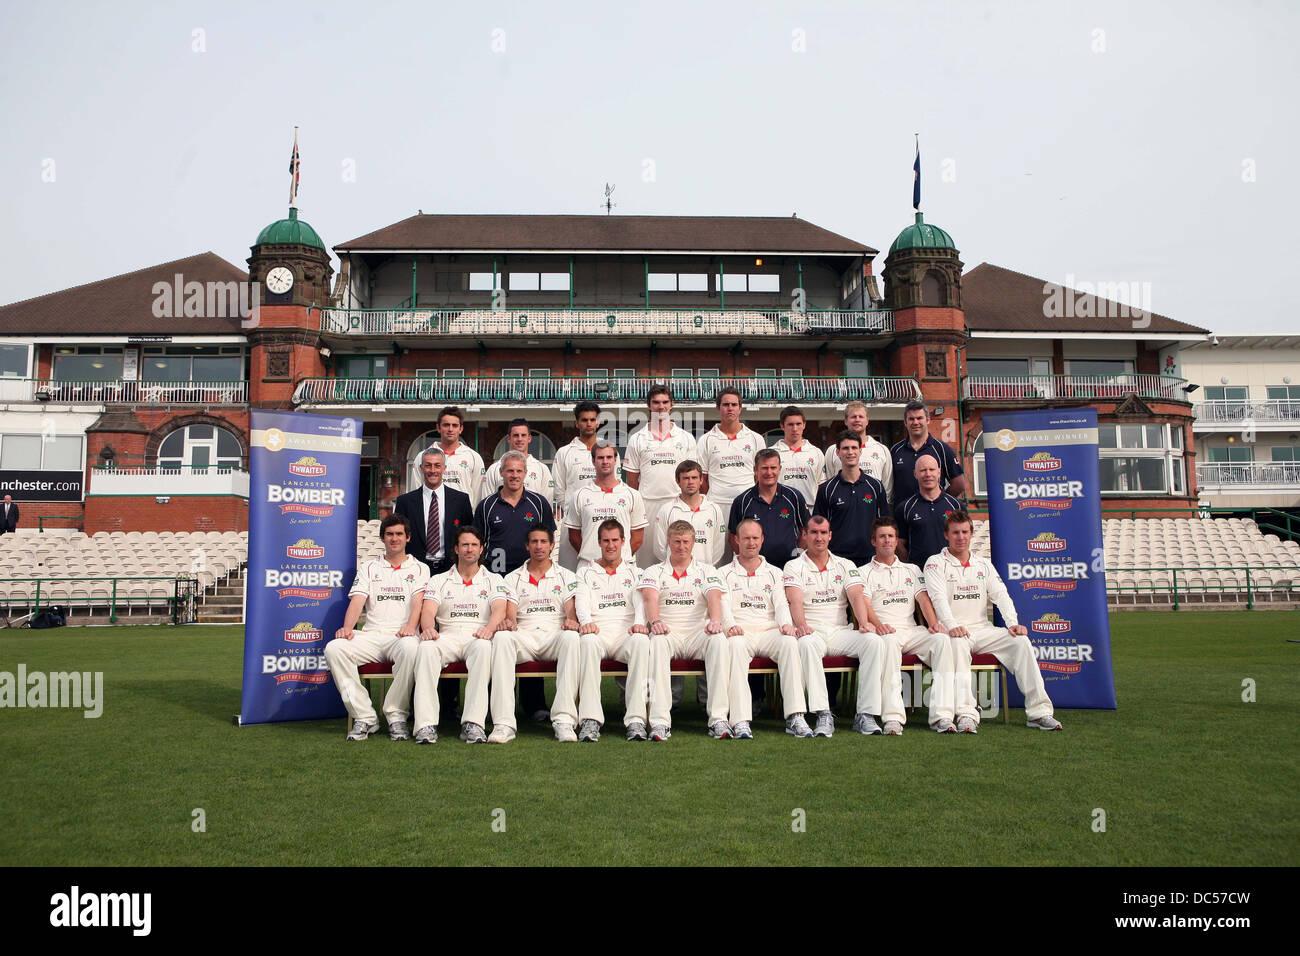 Le Lancashire County Cricket Club photocall le 6 avril 2009. L'escouade posent pour une photo de l'équipe. Photo Stock